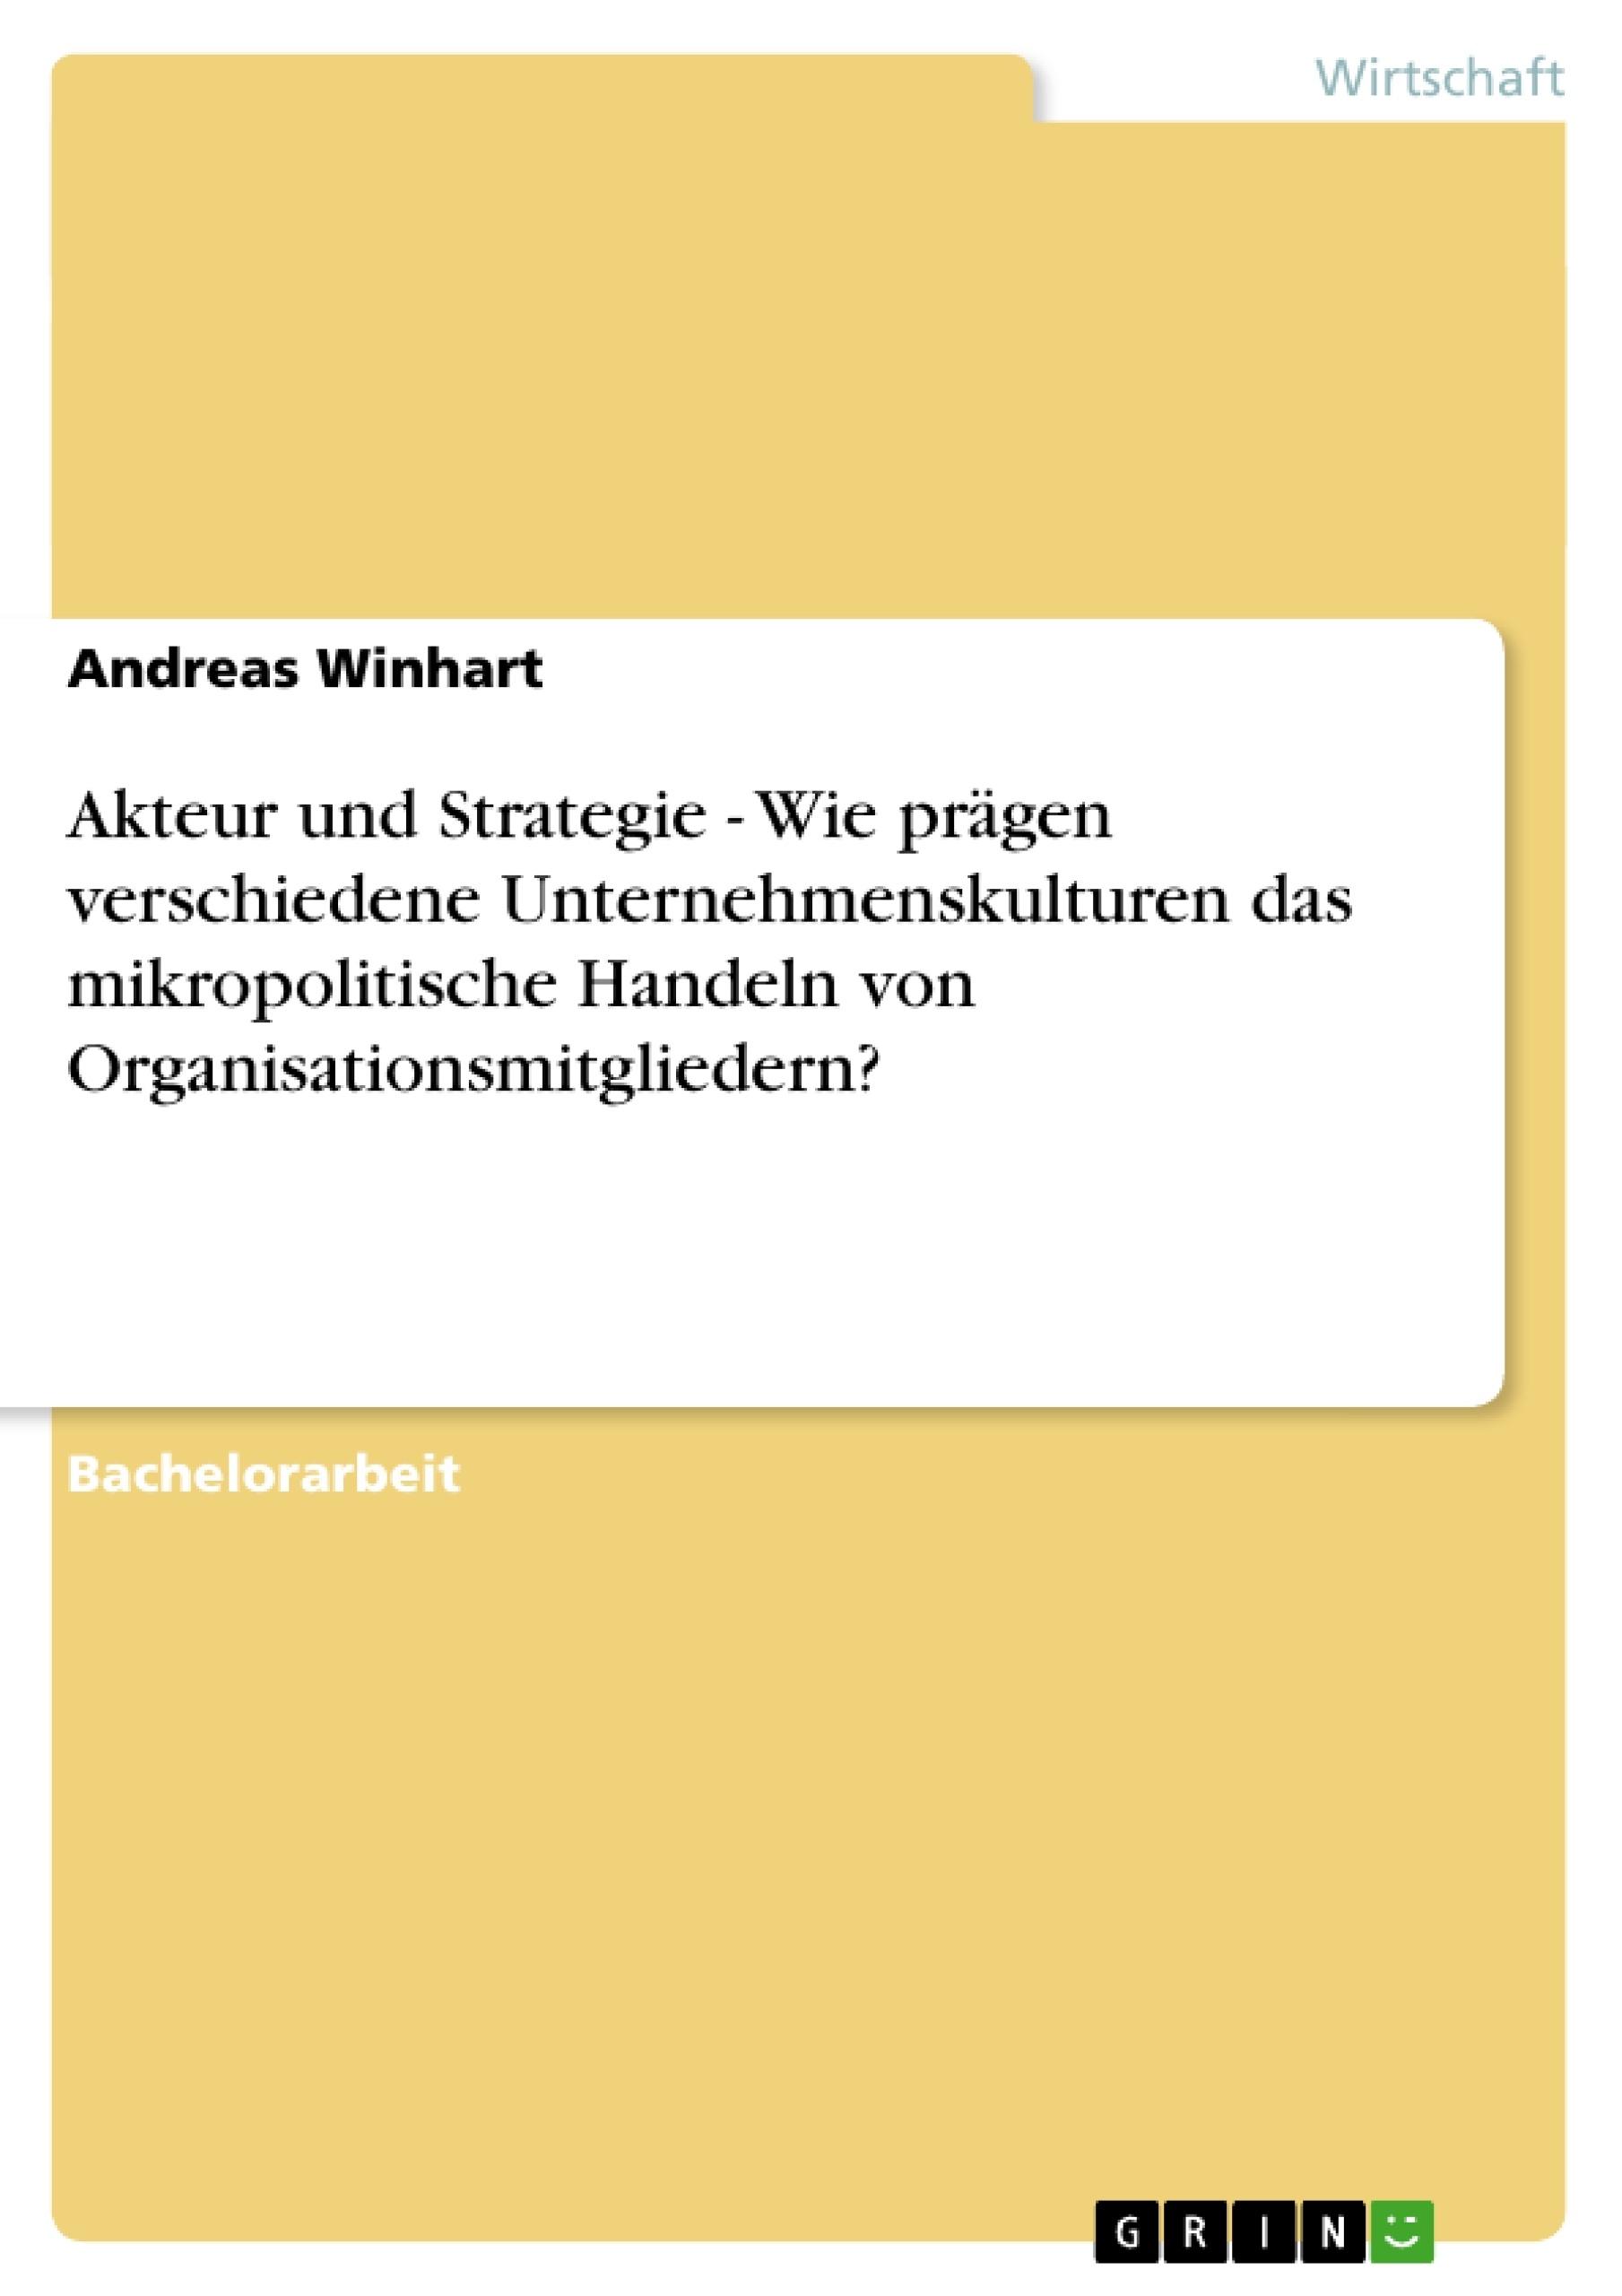 Titel: Akteur und Strategie - Wie prägen verschiedene Unternehmenskulturen das mikropolitische Handeln von Organisationsmitgliedern?